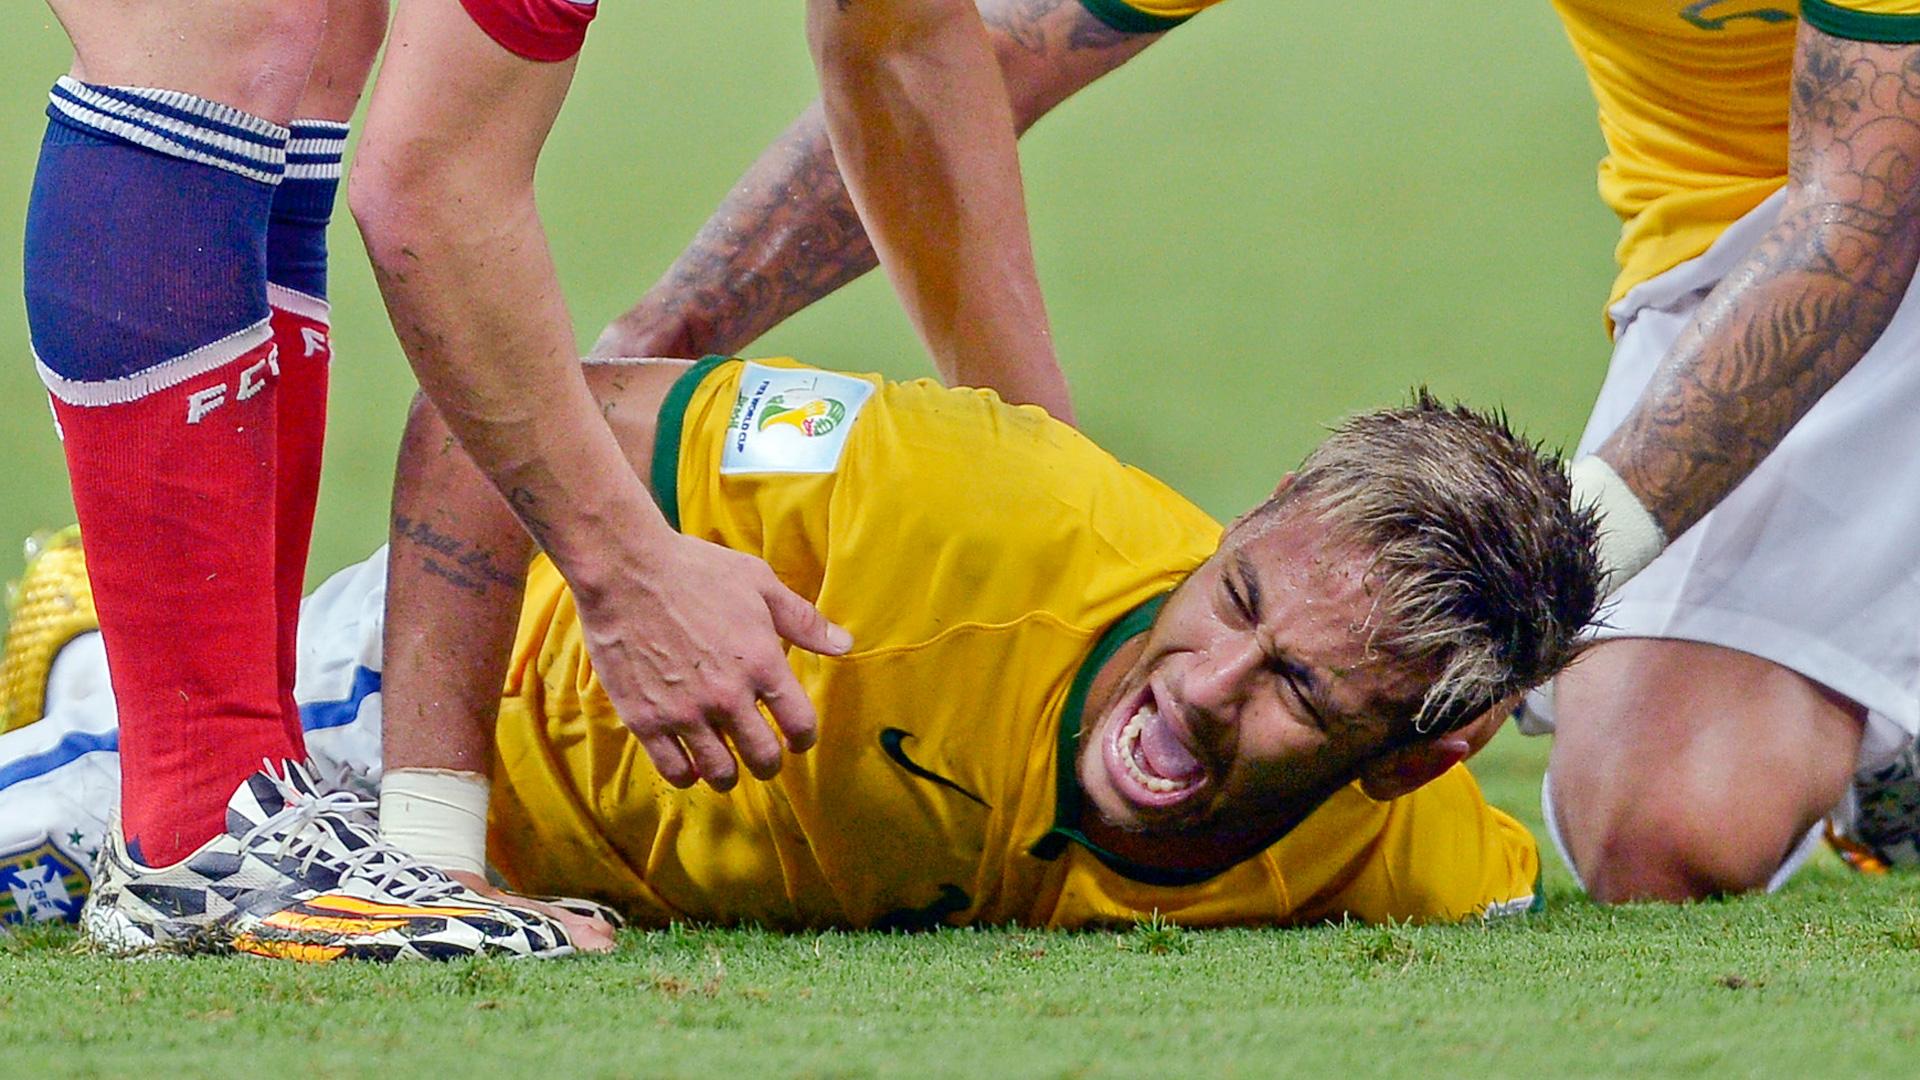 Neymar-070414-AP-FTR.jpg